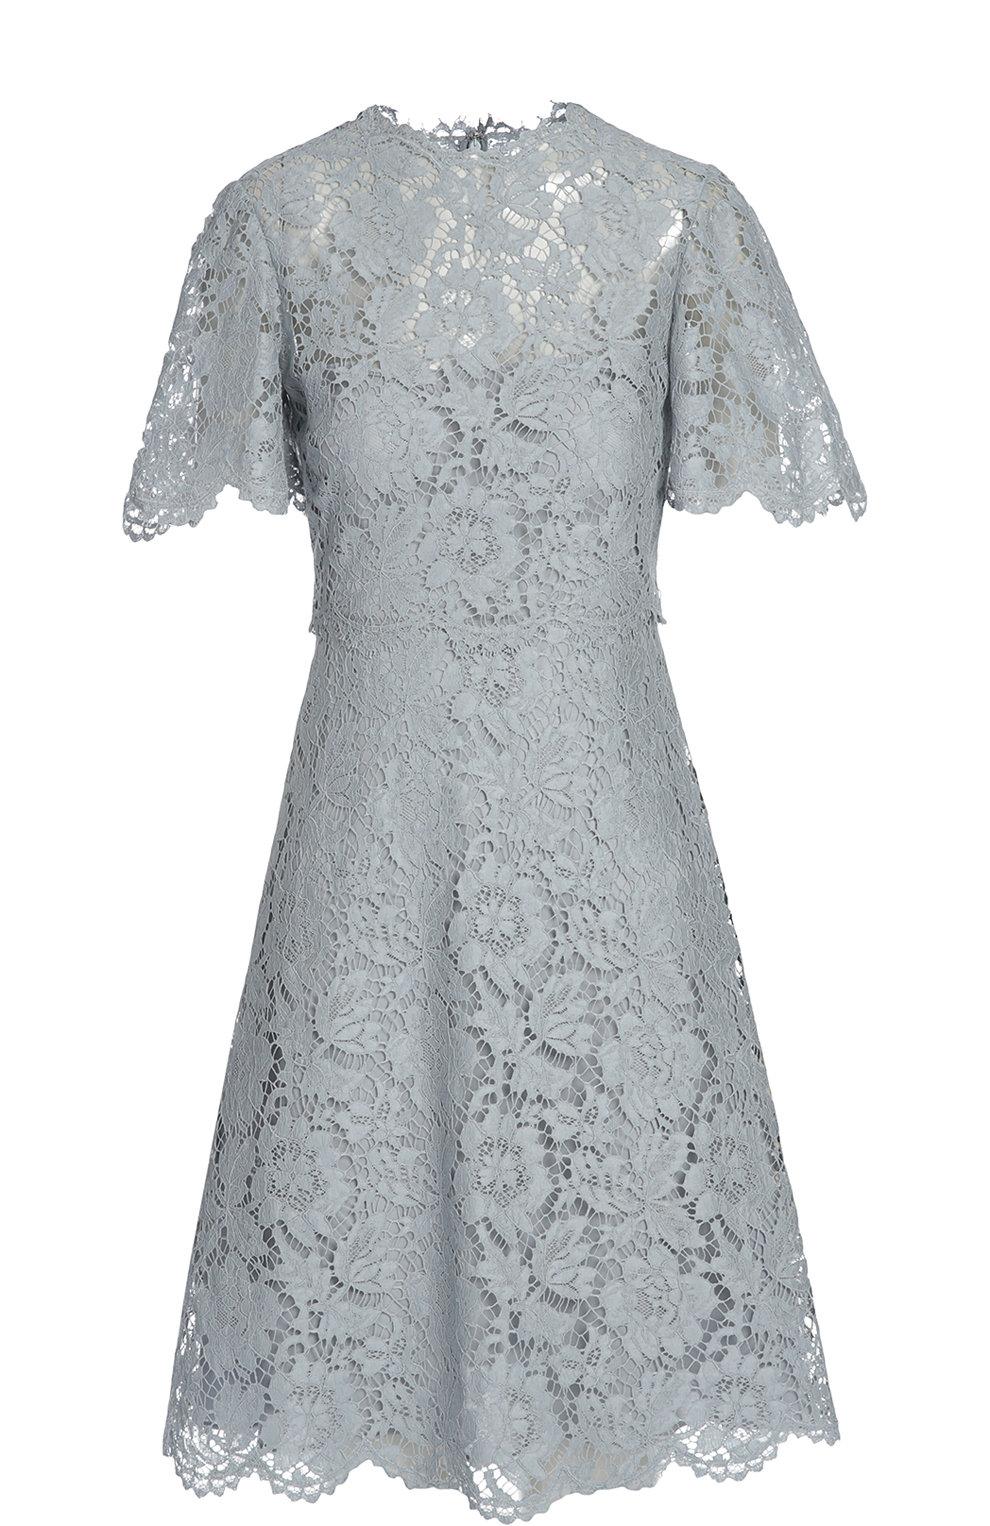 Платье Valentino арт. 5029088 купить за 220000 руб. в интернет-магазине ЦУМ